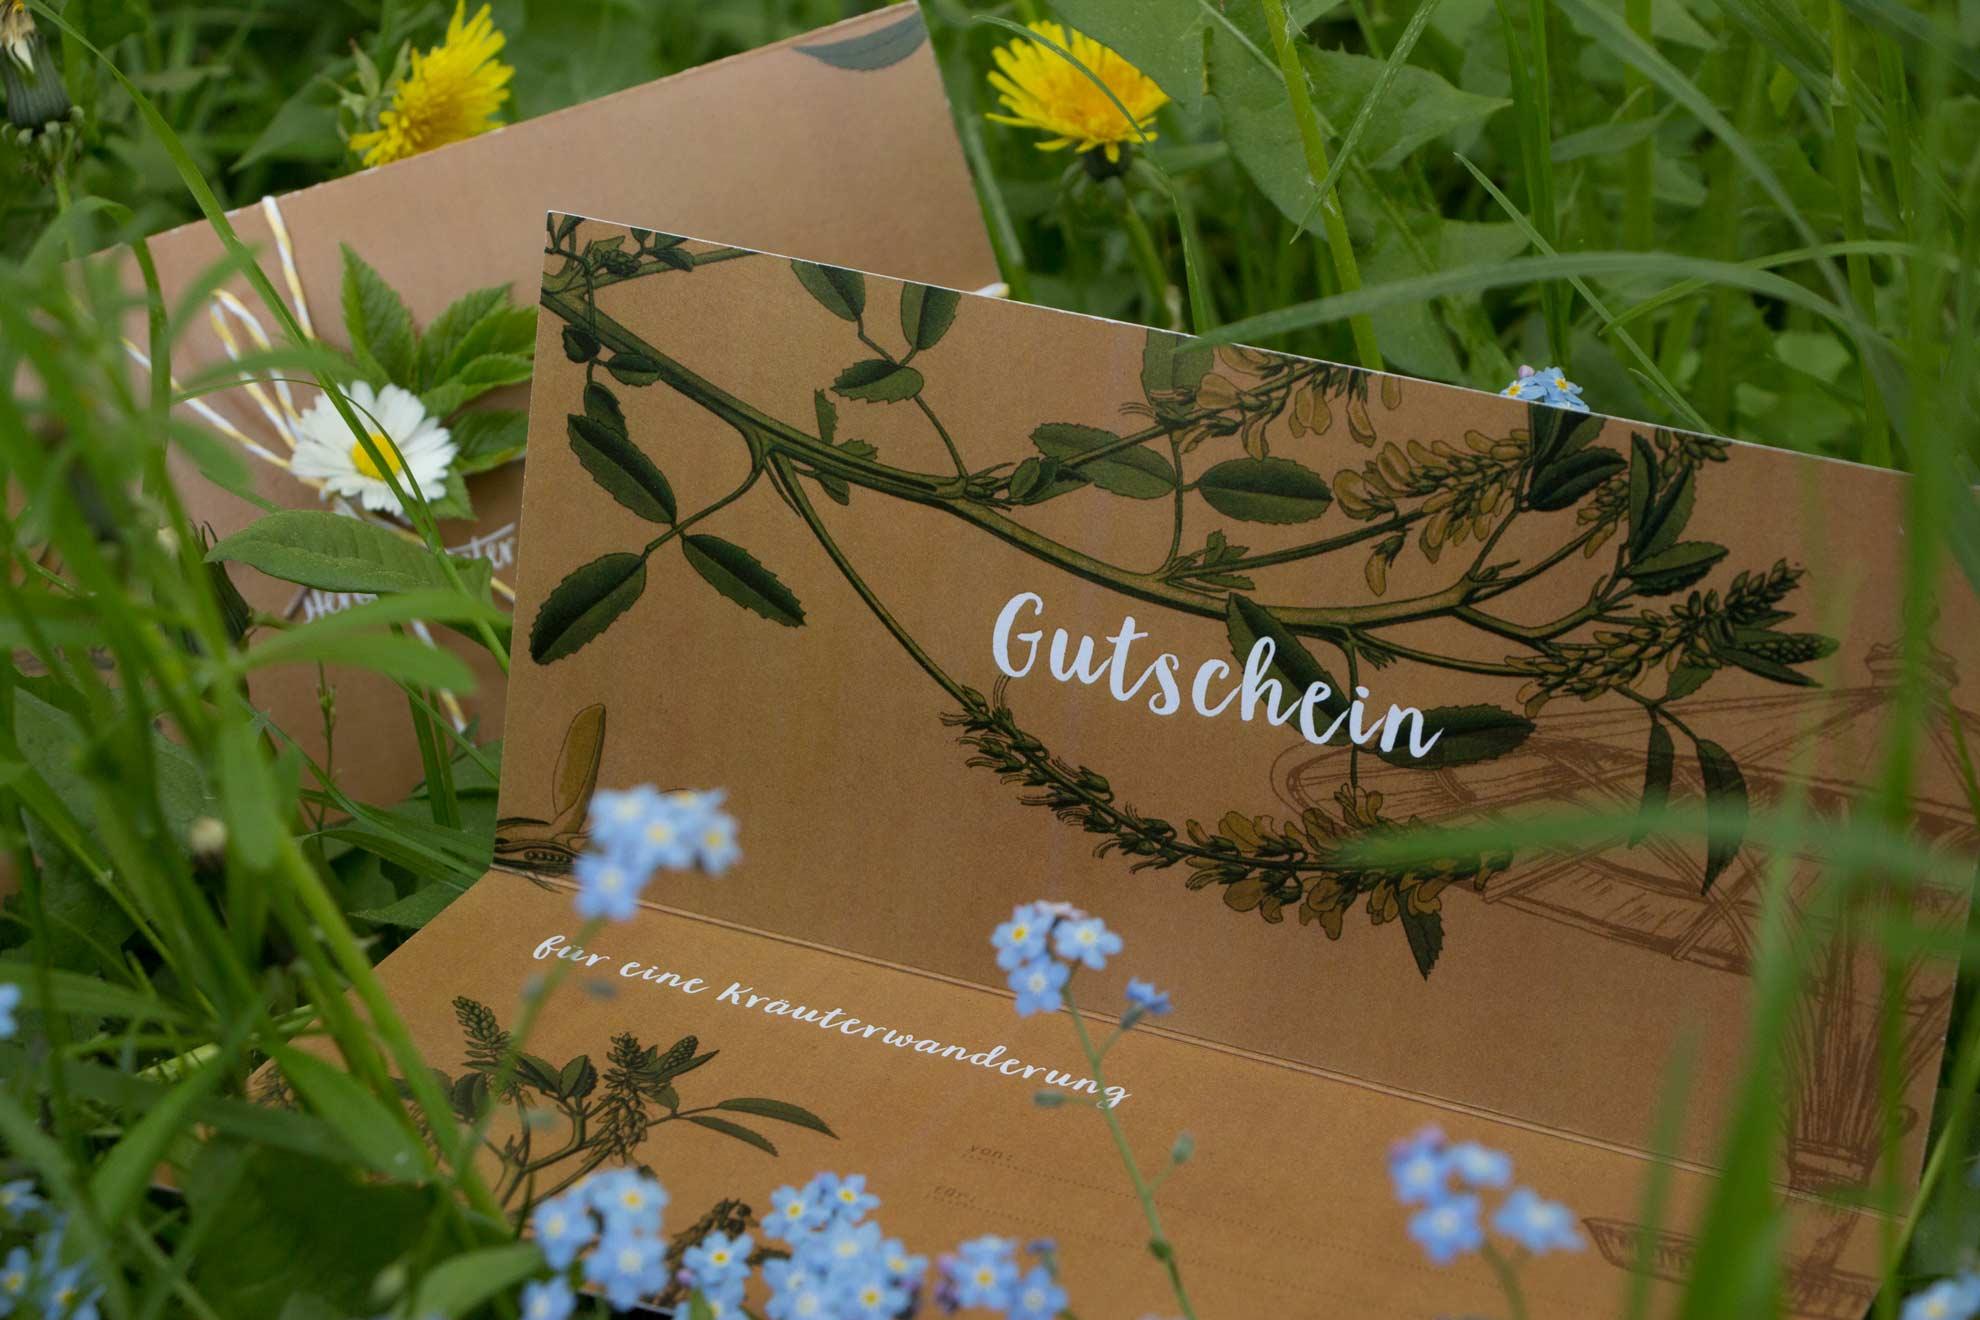 Gutschein für eine Kräuterwanderung in Potsdam – Hier findest du den Herbal Hunter Gutschein als Geschenkidee für Kräuterwanderung in Potsdam nach Wahl.